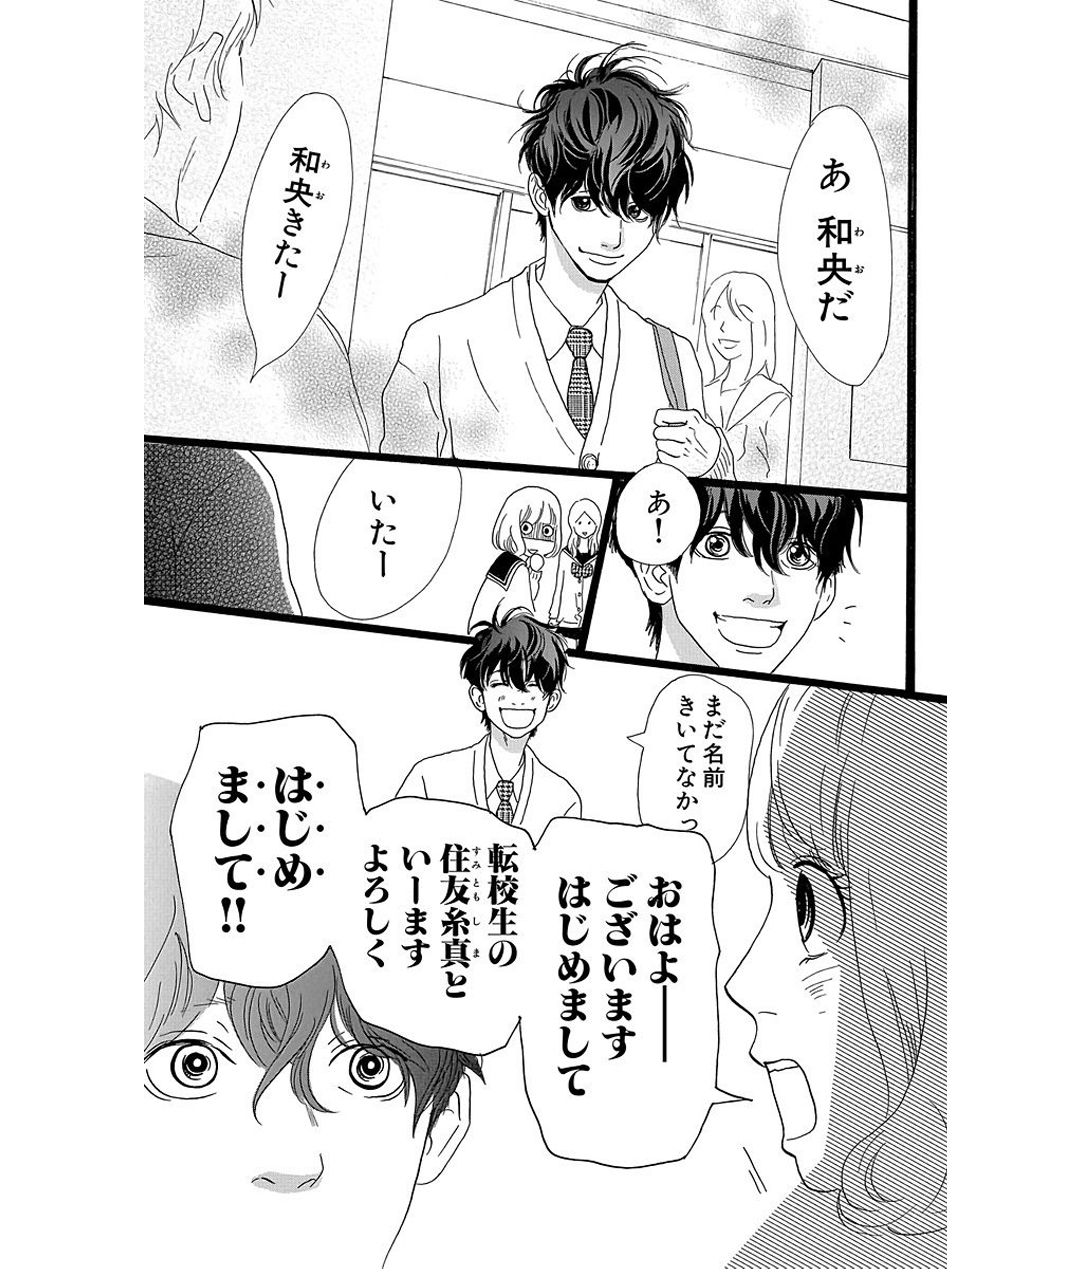 プリンシパル 第1話 試し読み_1_1-31